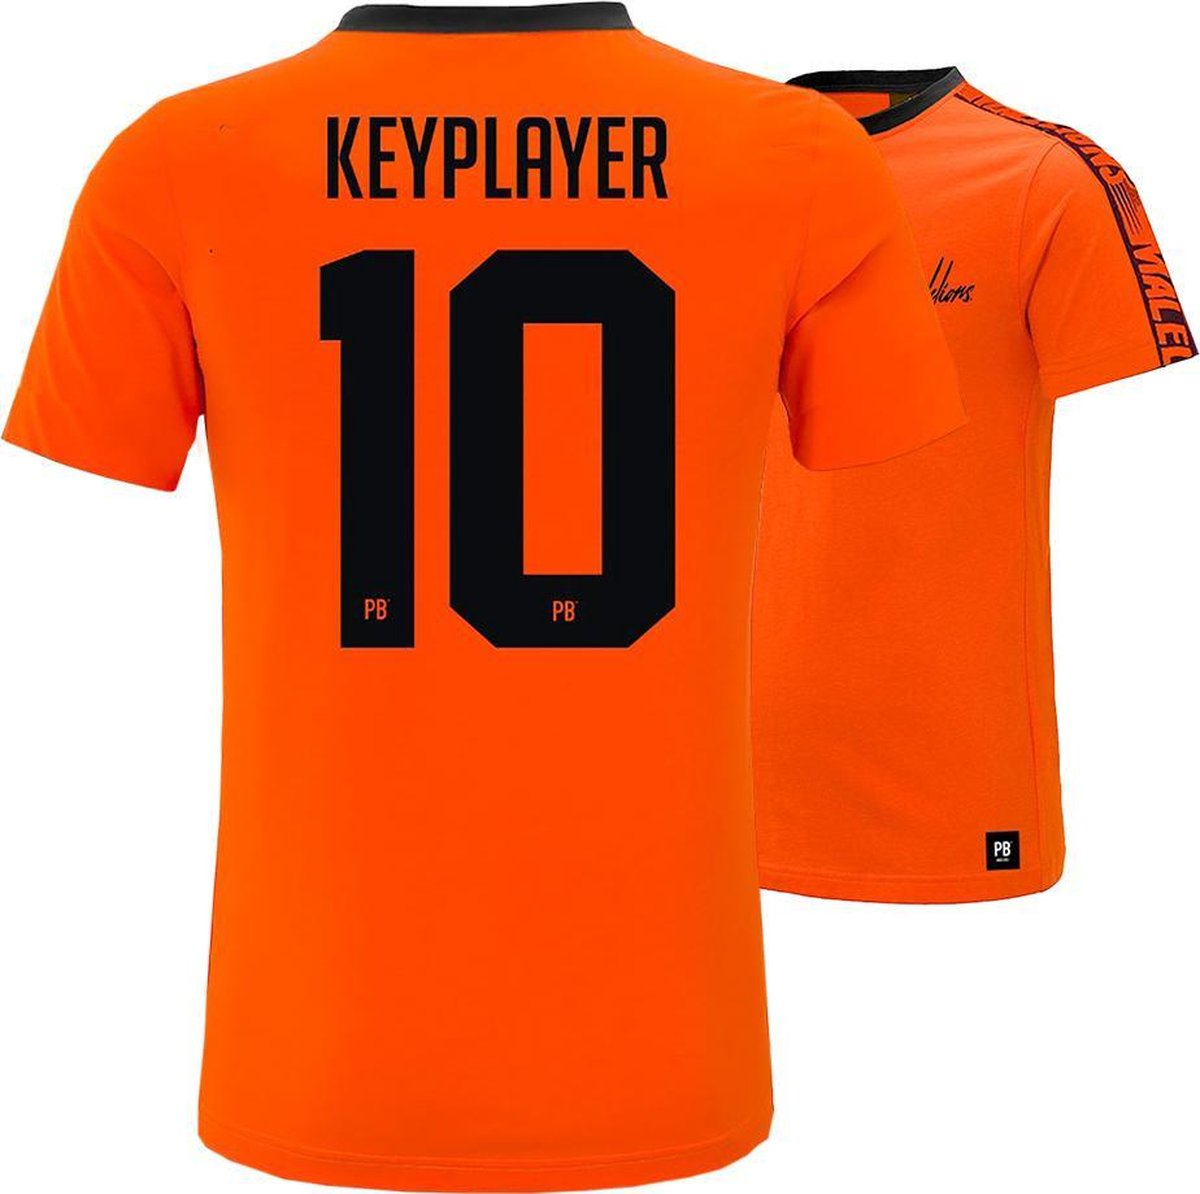 PB x Malelions - 10. Keyplayer   Maat L   Oranje T-shirt   EK voetbal 2021   Heren en dames